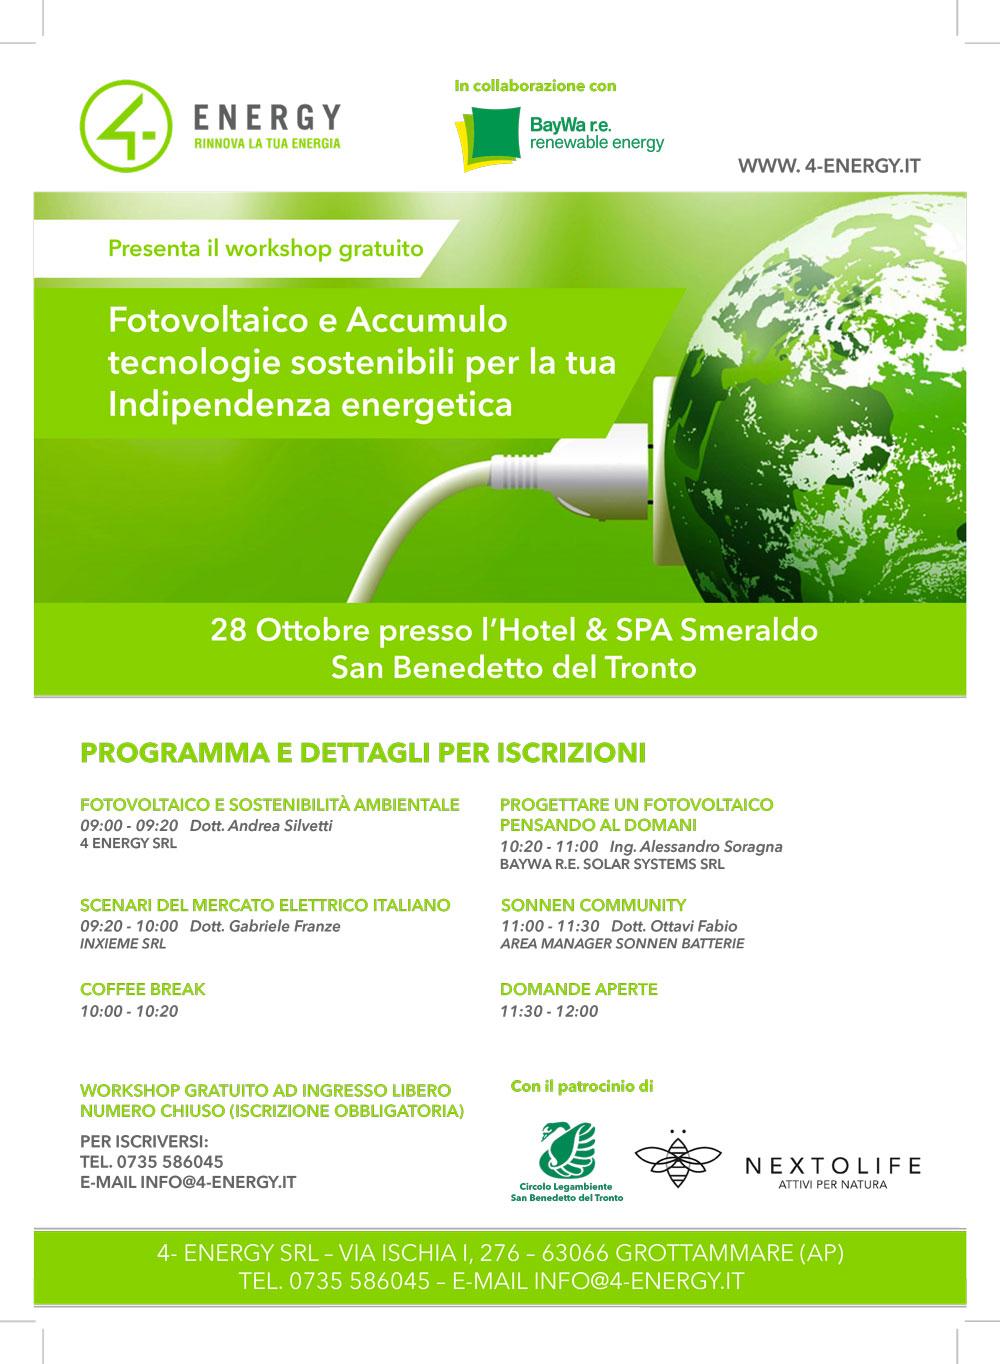 Fotovoltaico e Accumulo, tecnologie sostenibili per la tua indipendenza energetica: il 28 ottobre a San Benedetto del Tronto